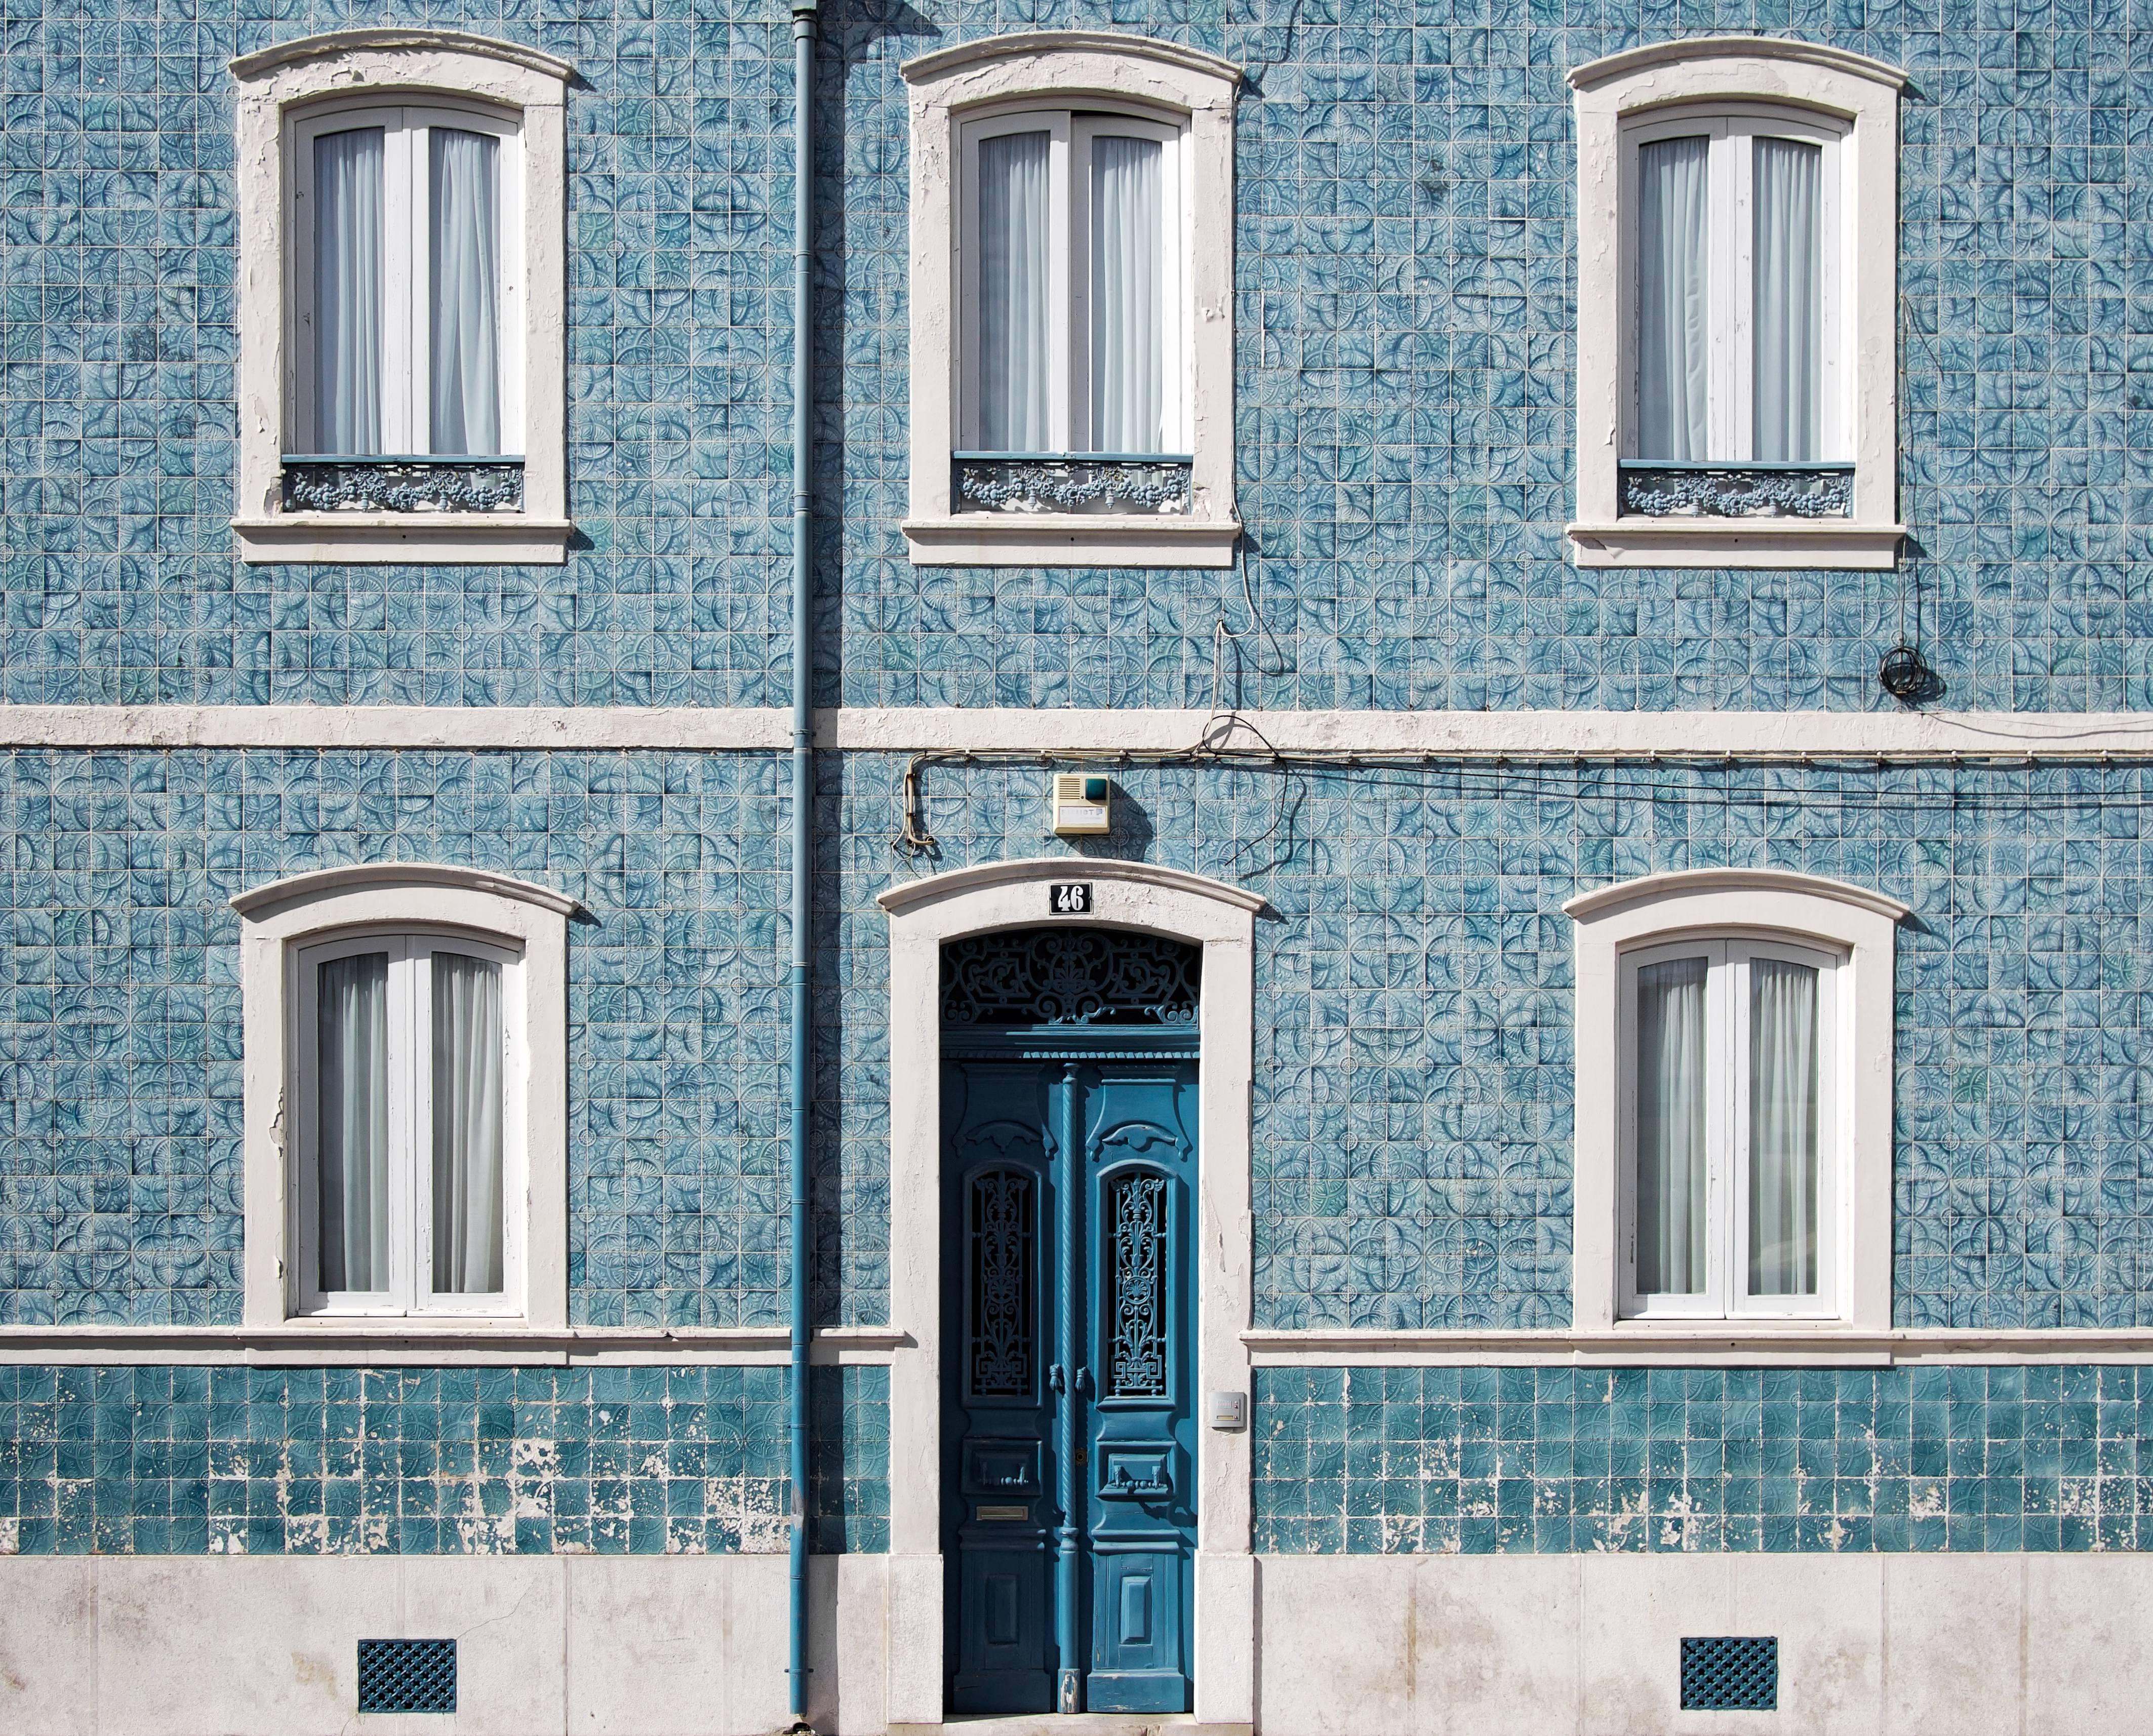 casa ventana edificio casa pared arco fachada azul iluminacin puerta diseo de interiores ventanas ventana